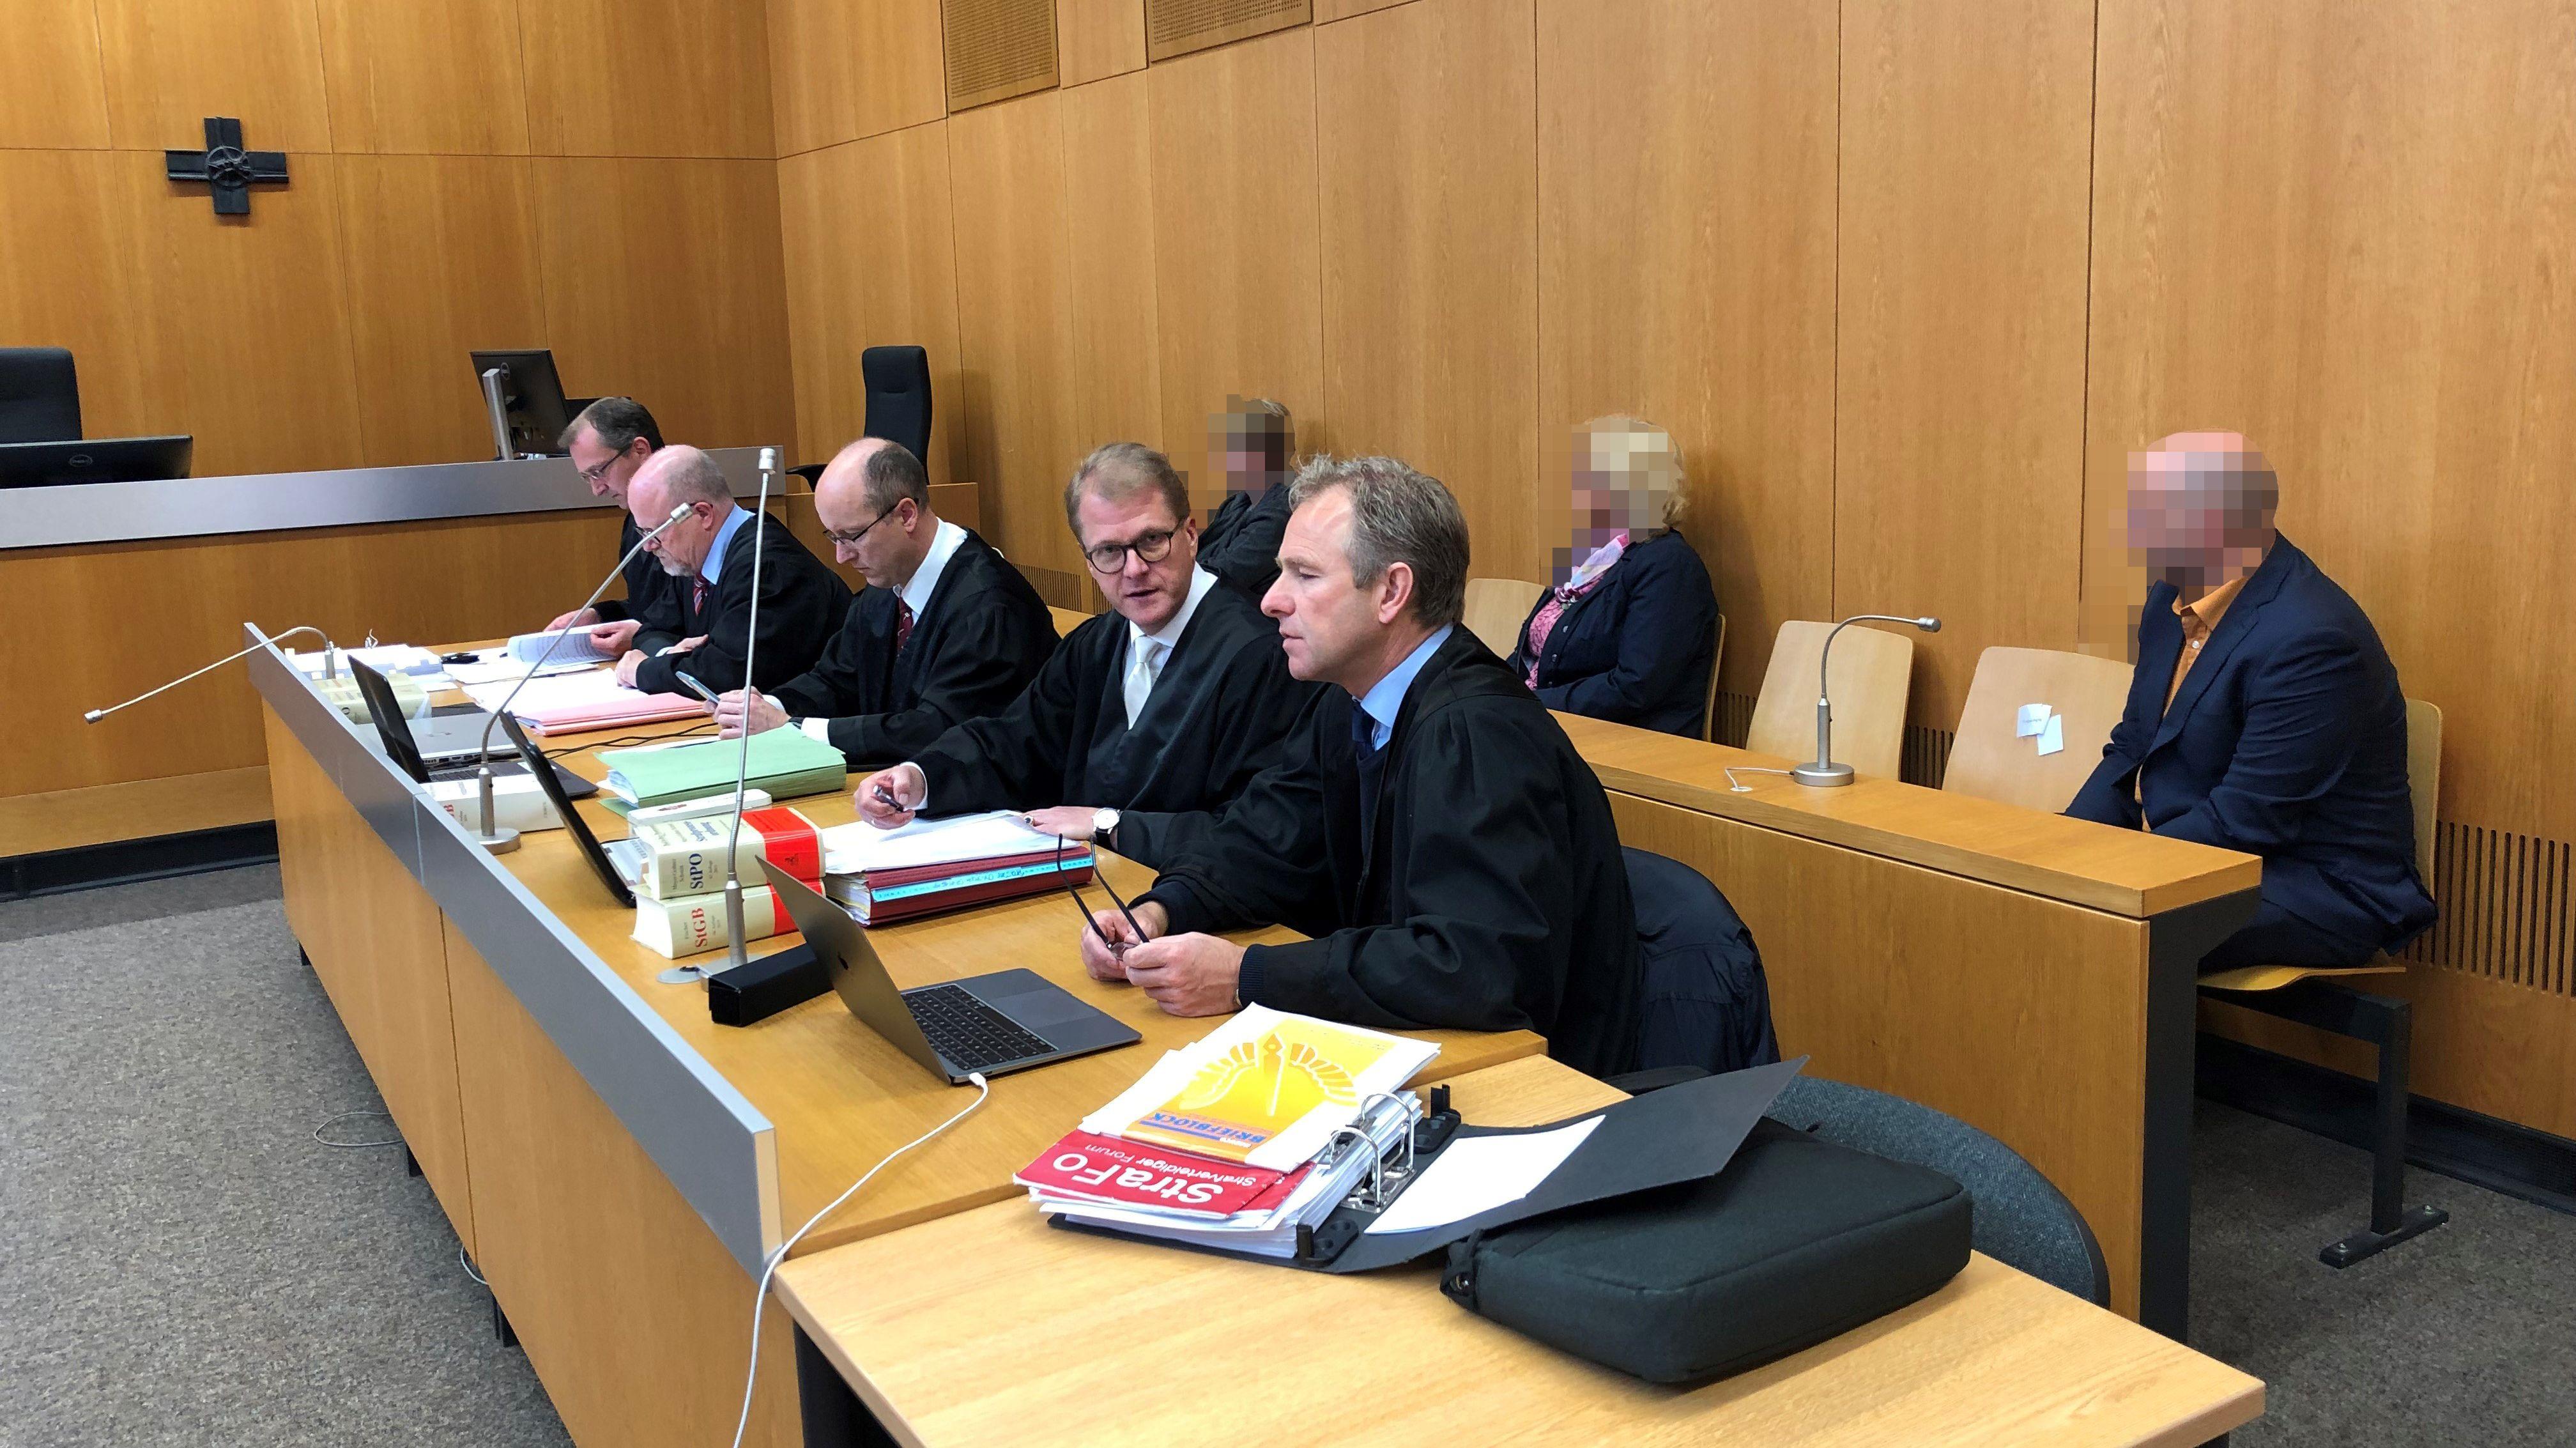 Die Staatsanwaltschaft Landshut wirft drei Altenpflegern Mord durch Unterlassen vor. Im Prozess am Landgericht wird heute das Urteil erwartet.